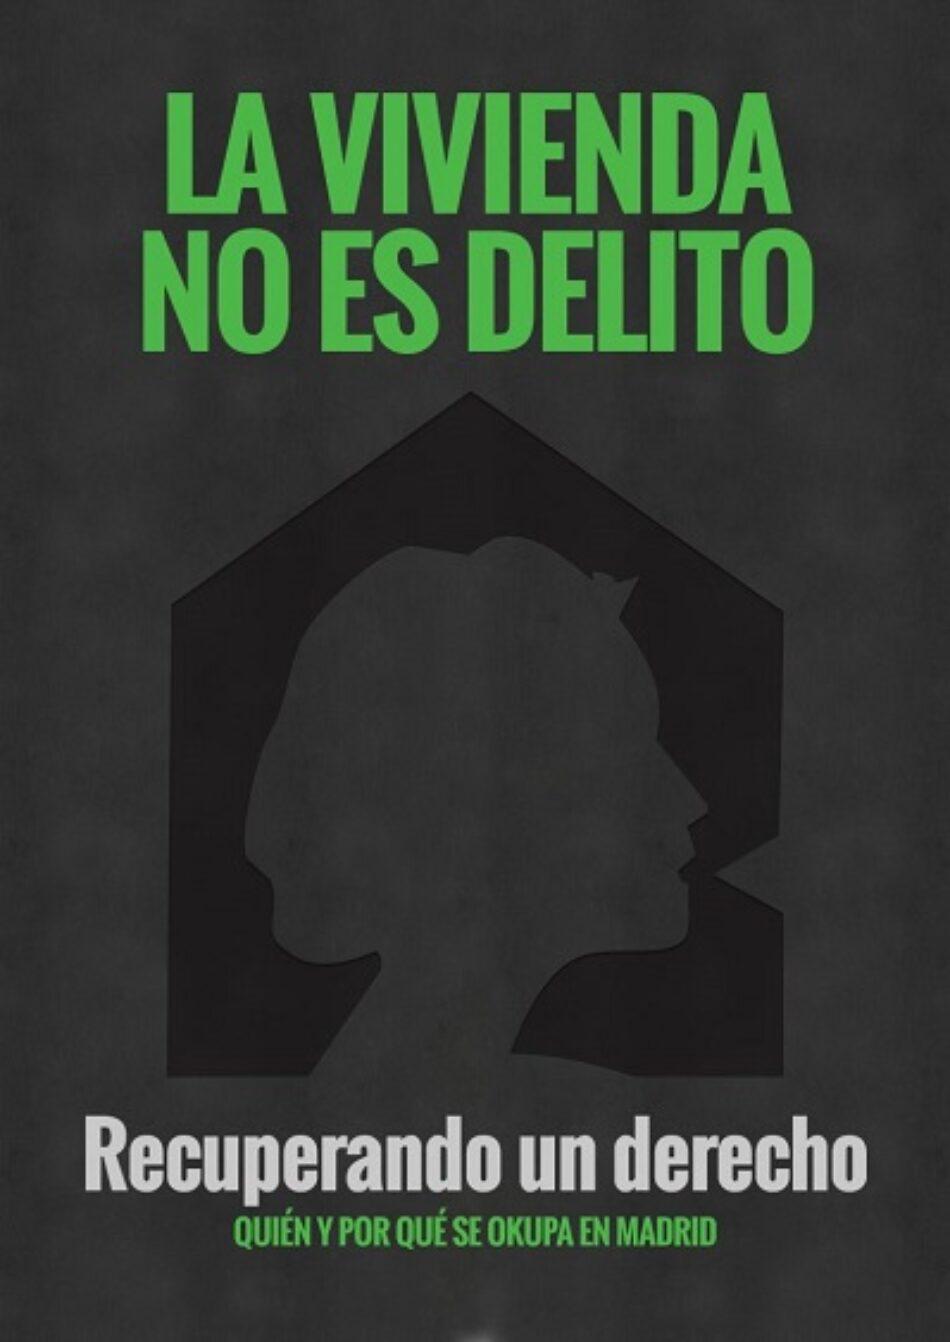 """El pasado 1 de marzo se presentó en el centro cultural """"la Casa del Reloj"""" de Madrid la campaña """"La vivienda no es delito"""""""